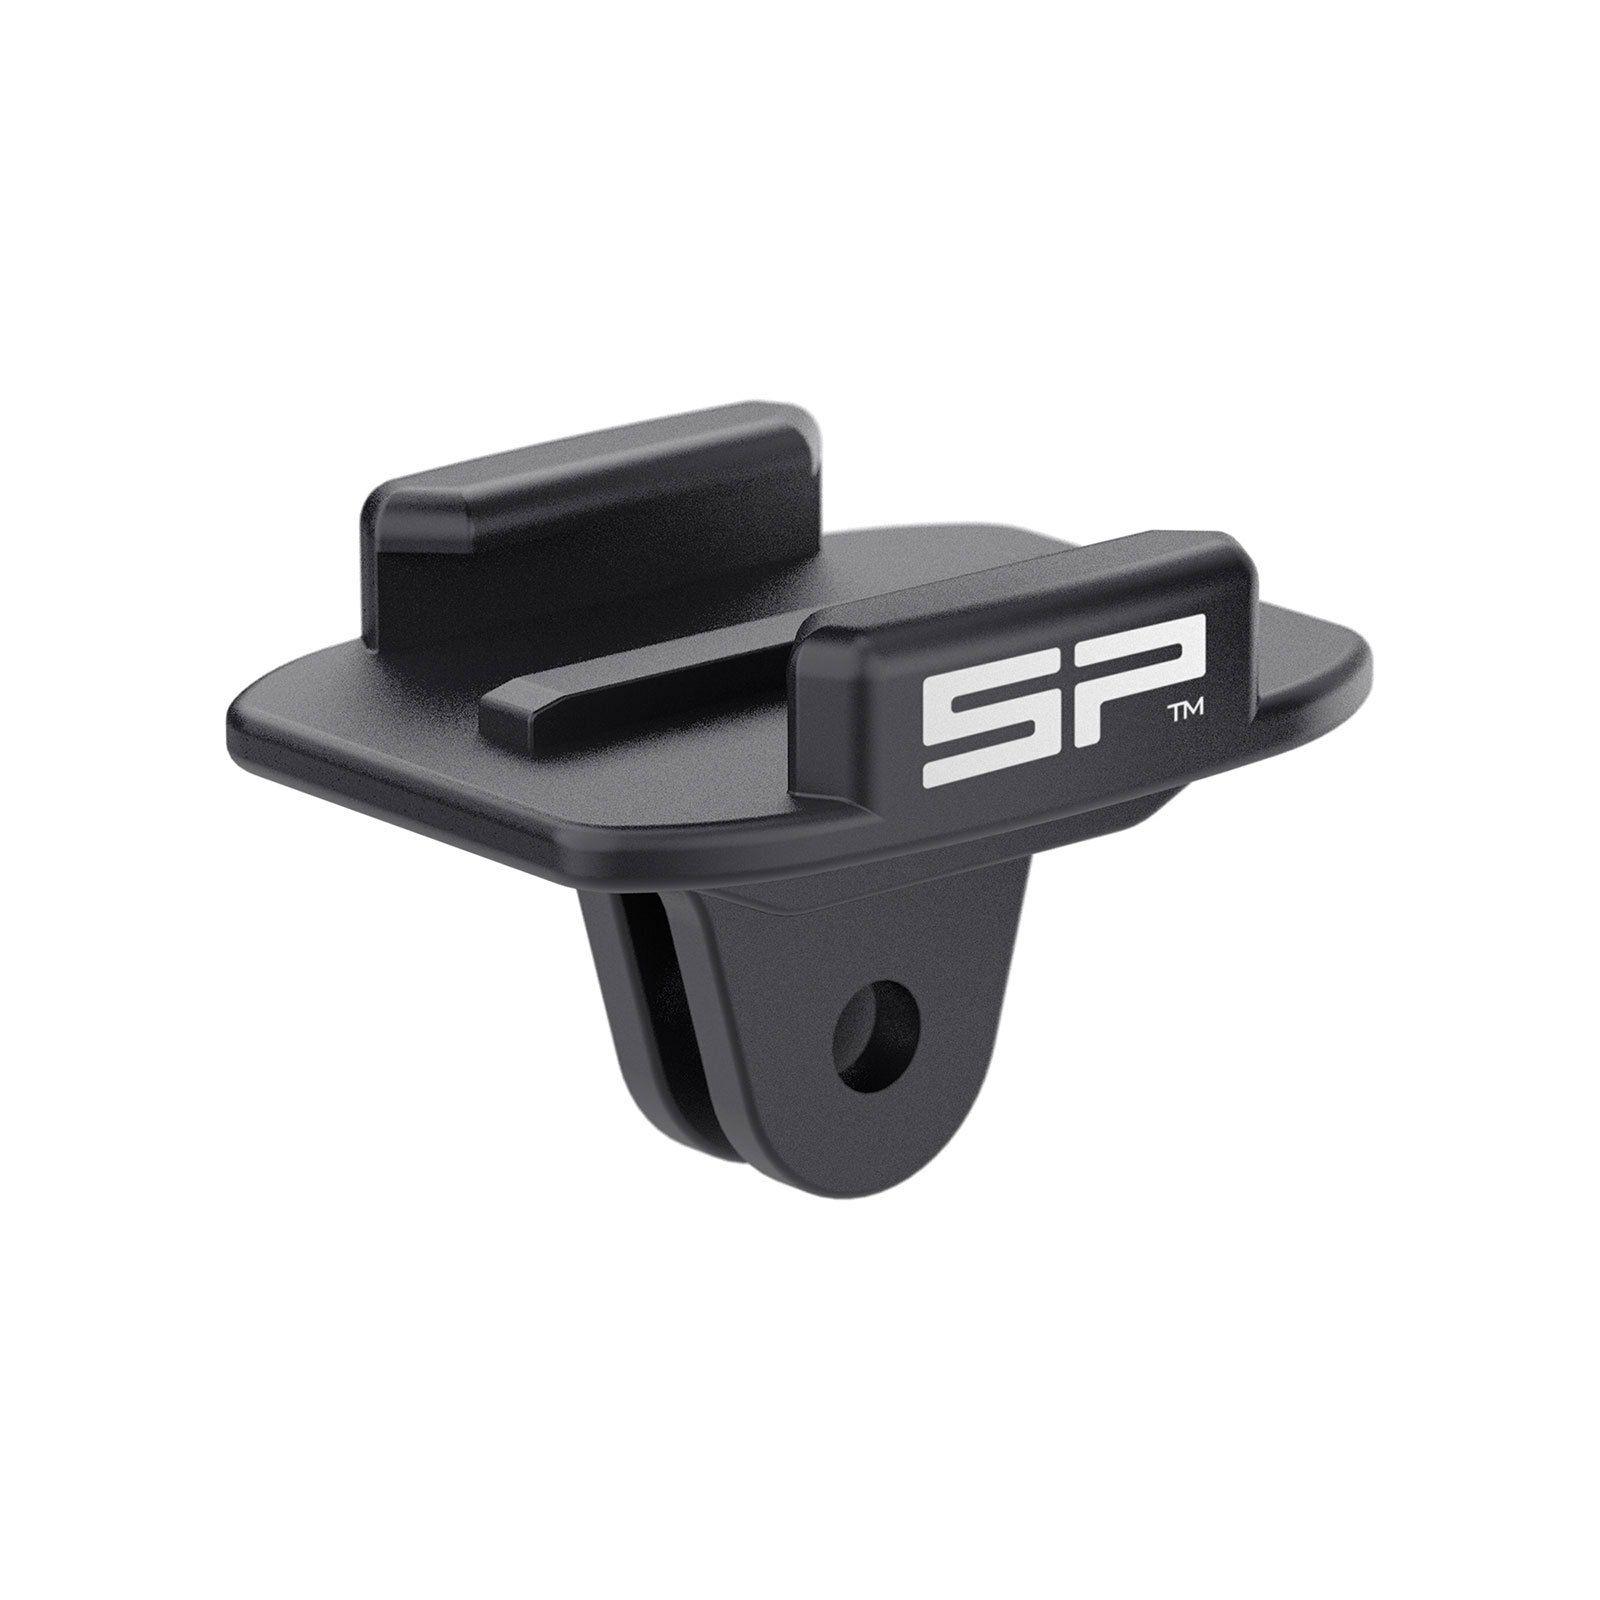 SP Gadgets SP CLIP ADAPTER SKU 53162